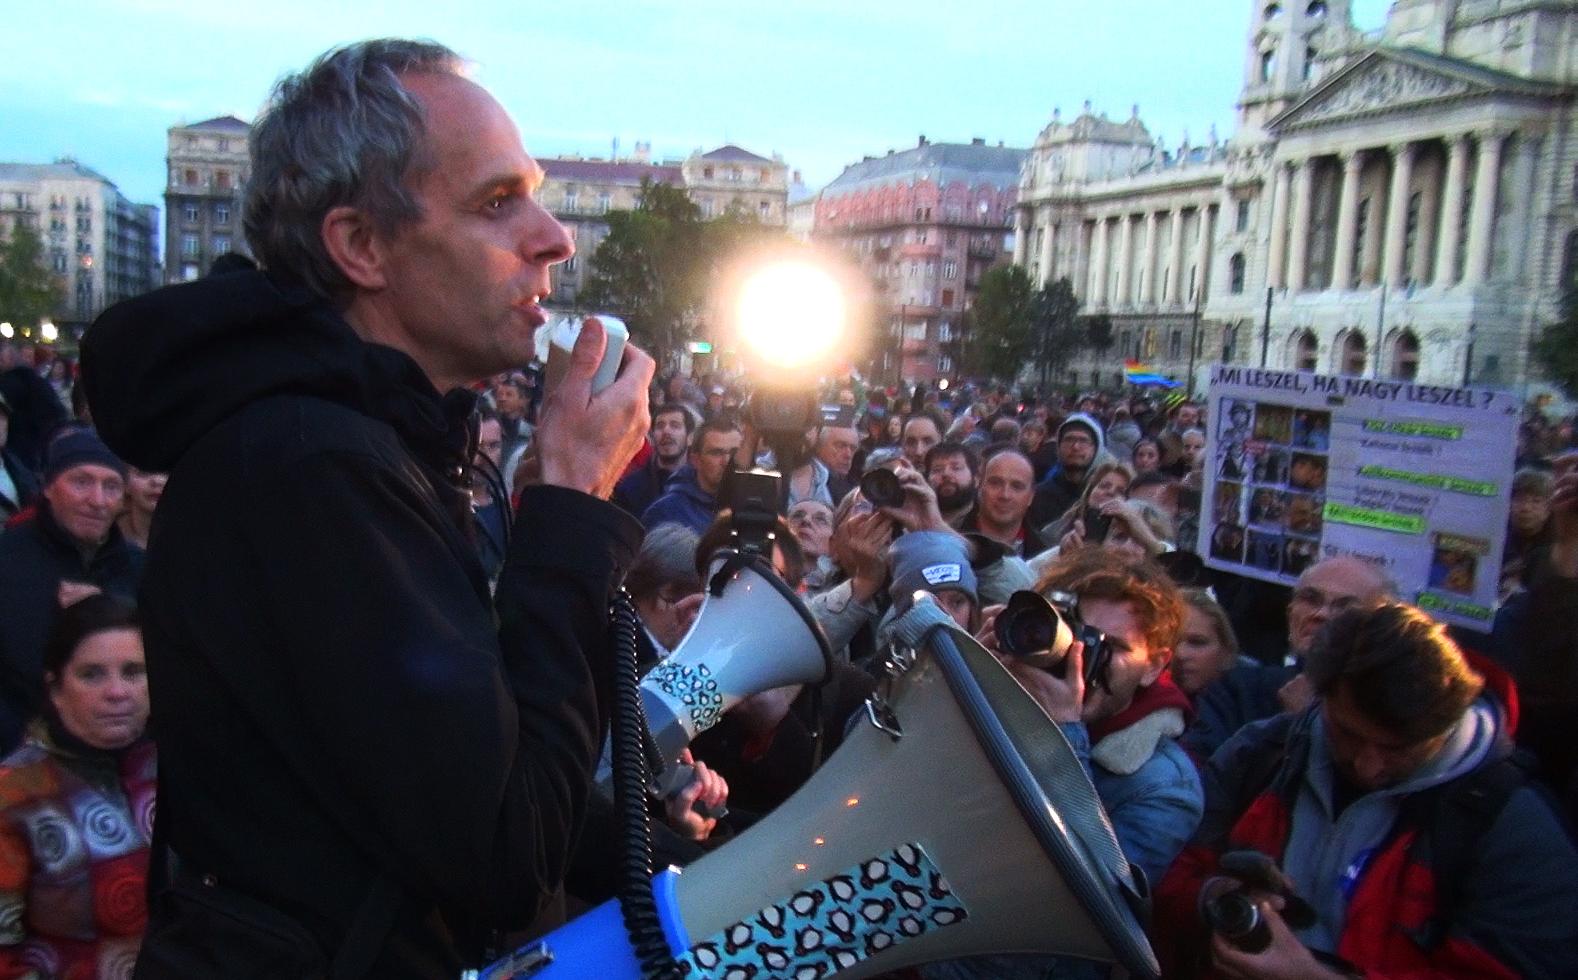 Mostantól egy olyan országban fogunk élni, ahol a Magyar Idők meséli el, amit a politikáról tudni kell